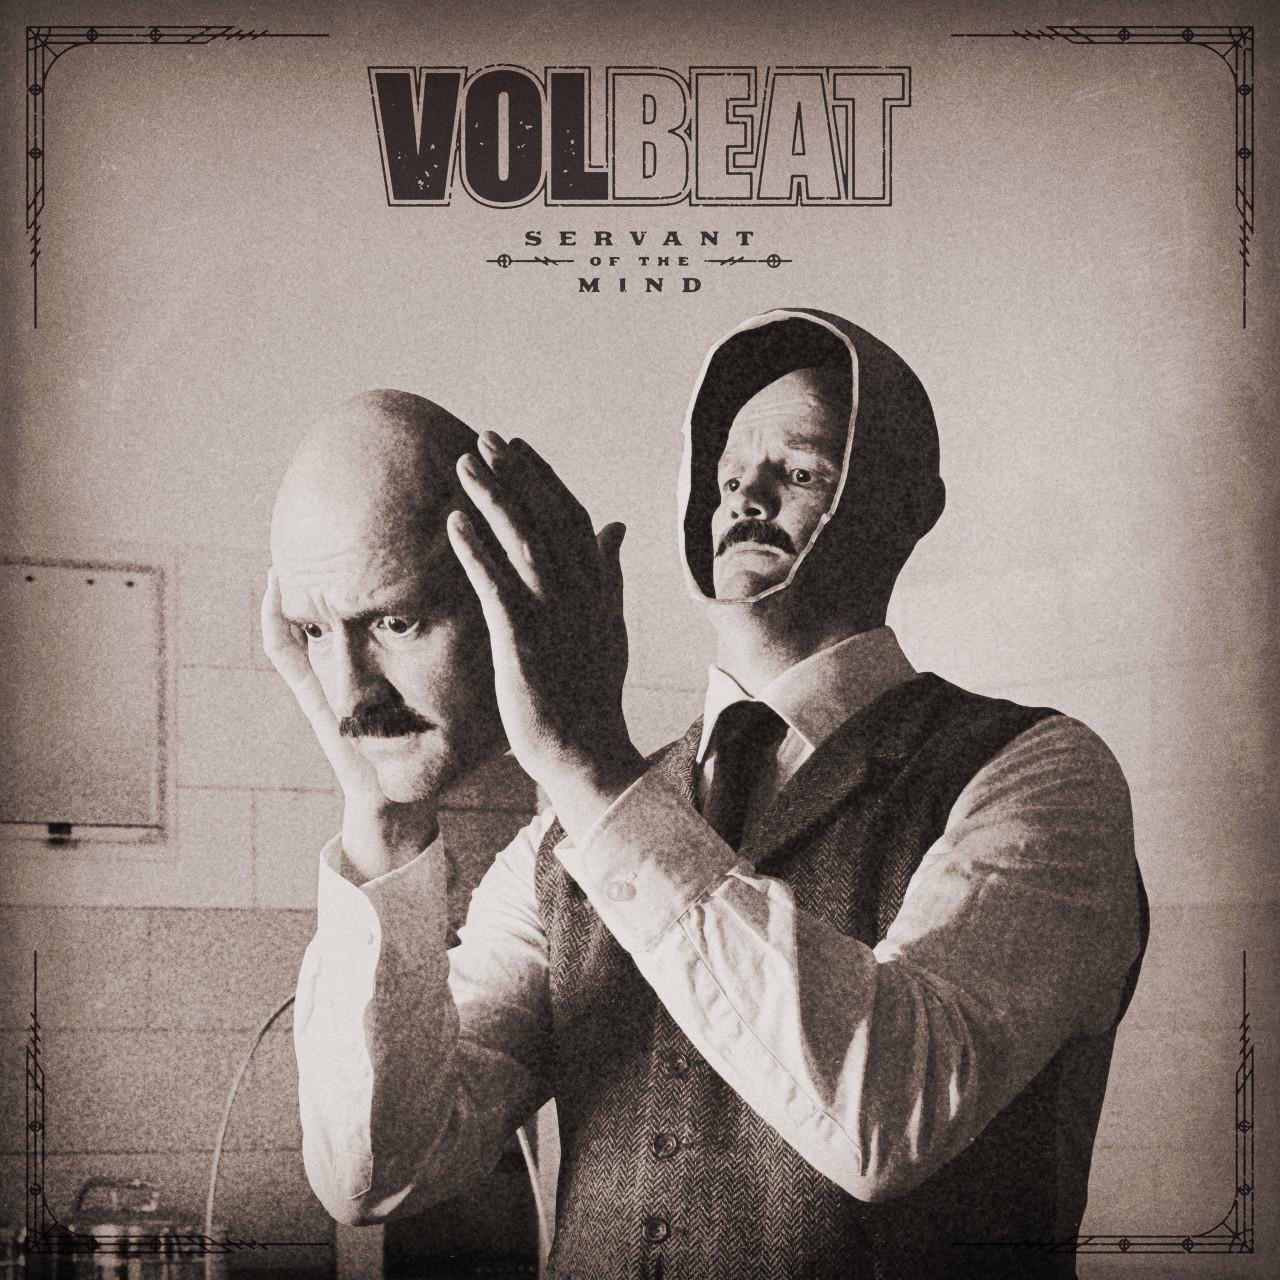 Volbeat---Servant-of-the-Mind-Album-Art